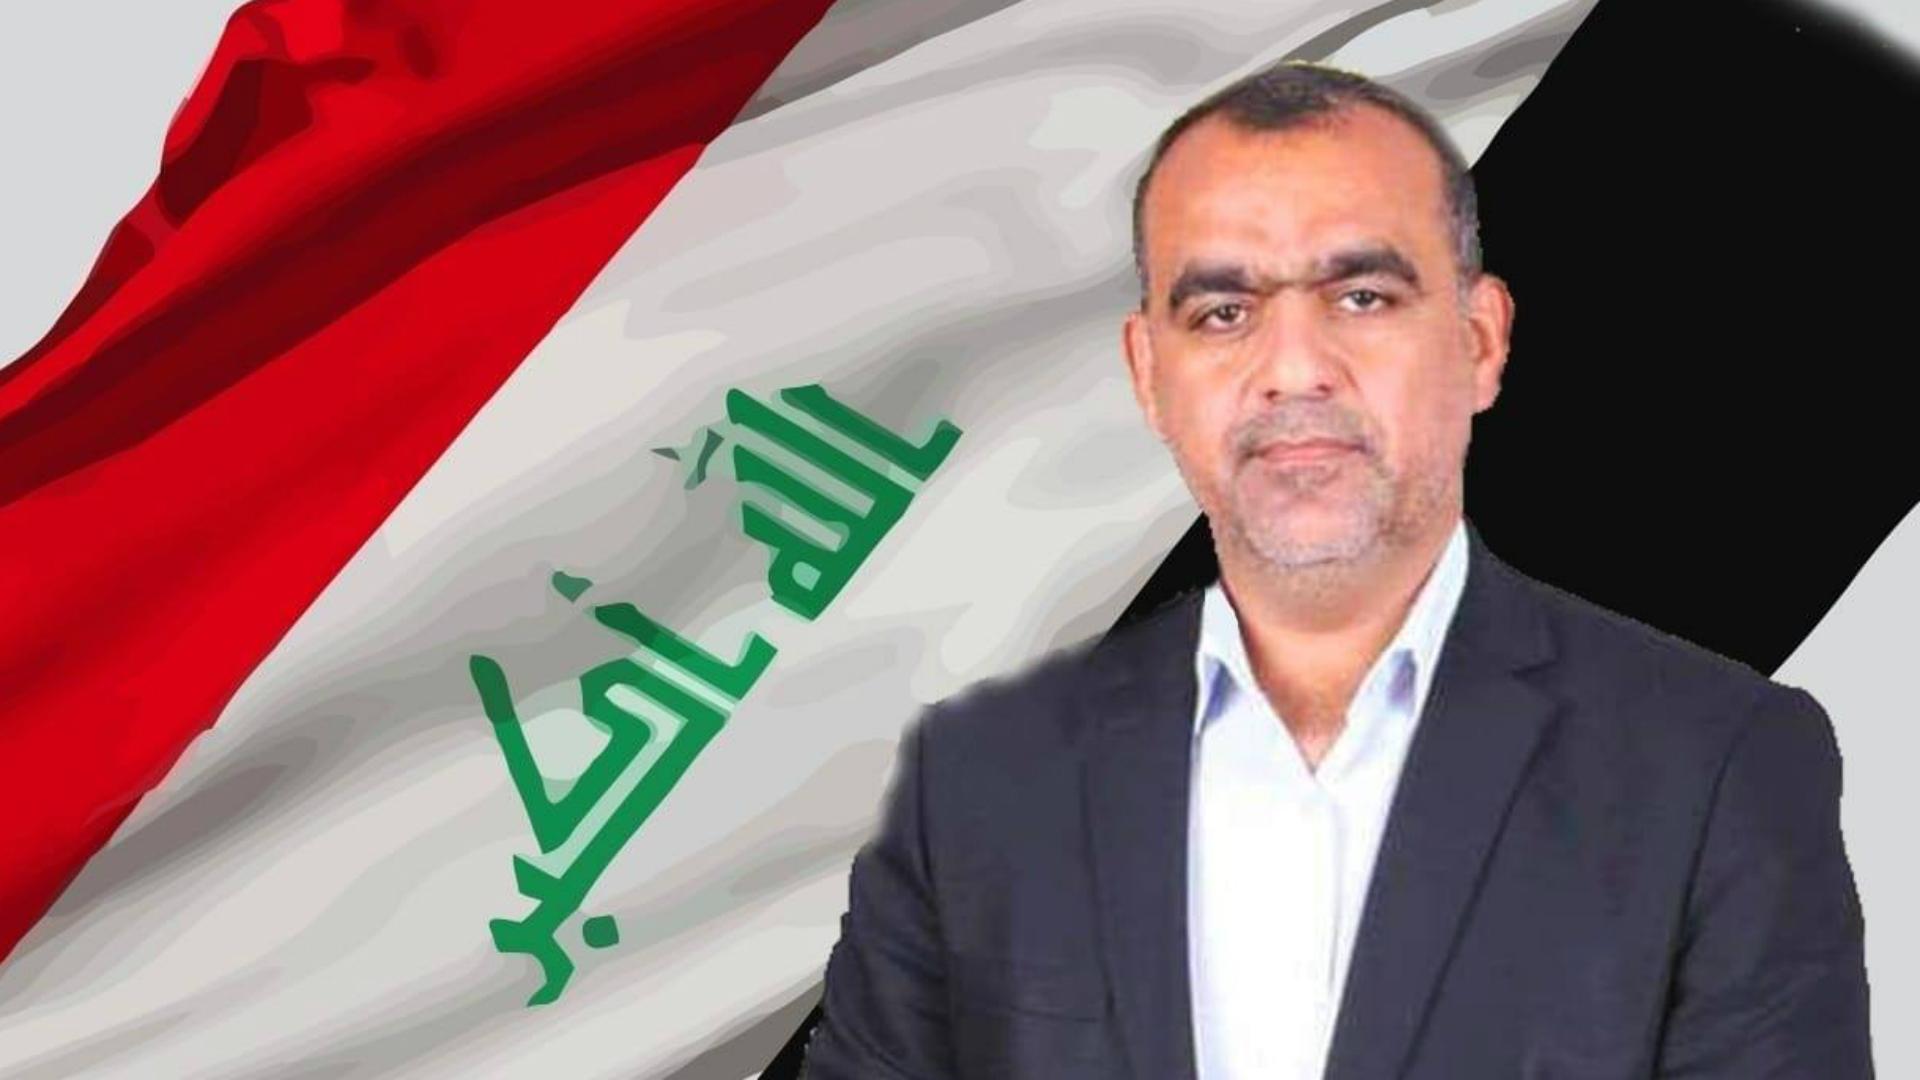 نائب يطالب البرلمان بالنظر في البطالة المستفحلة بين شباب البصرة